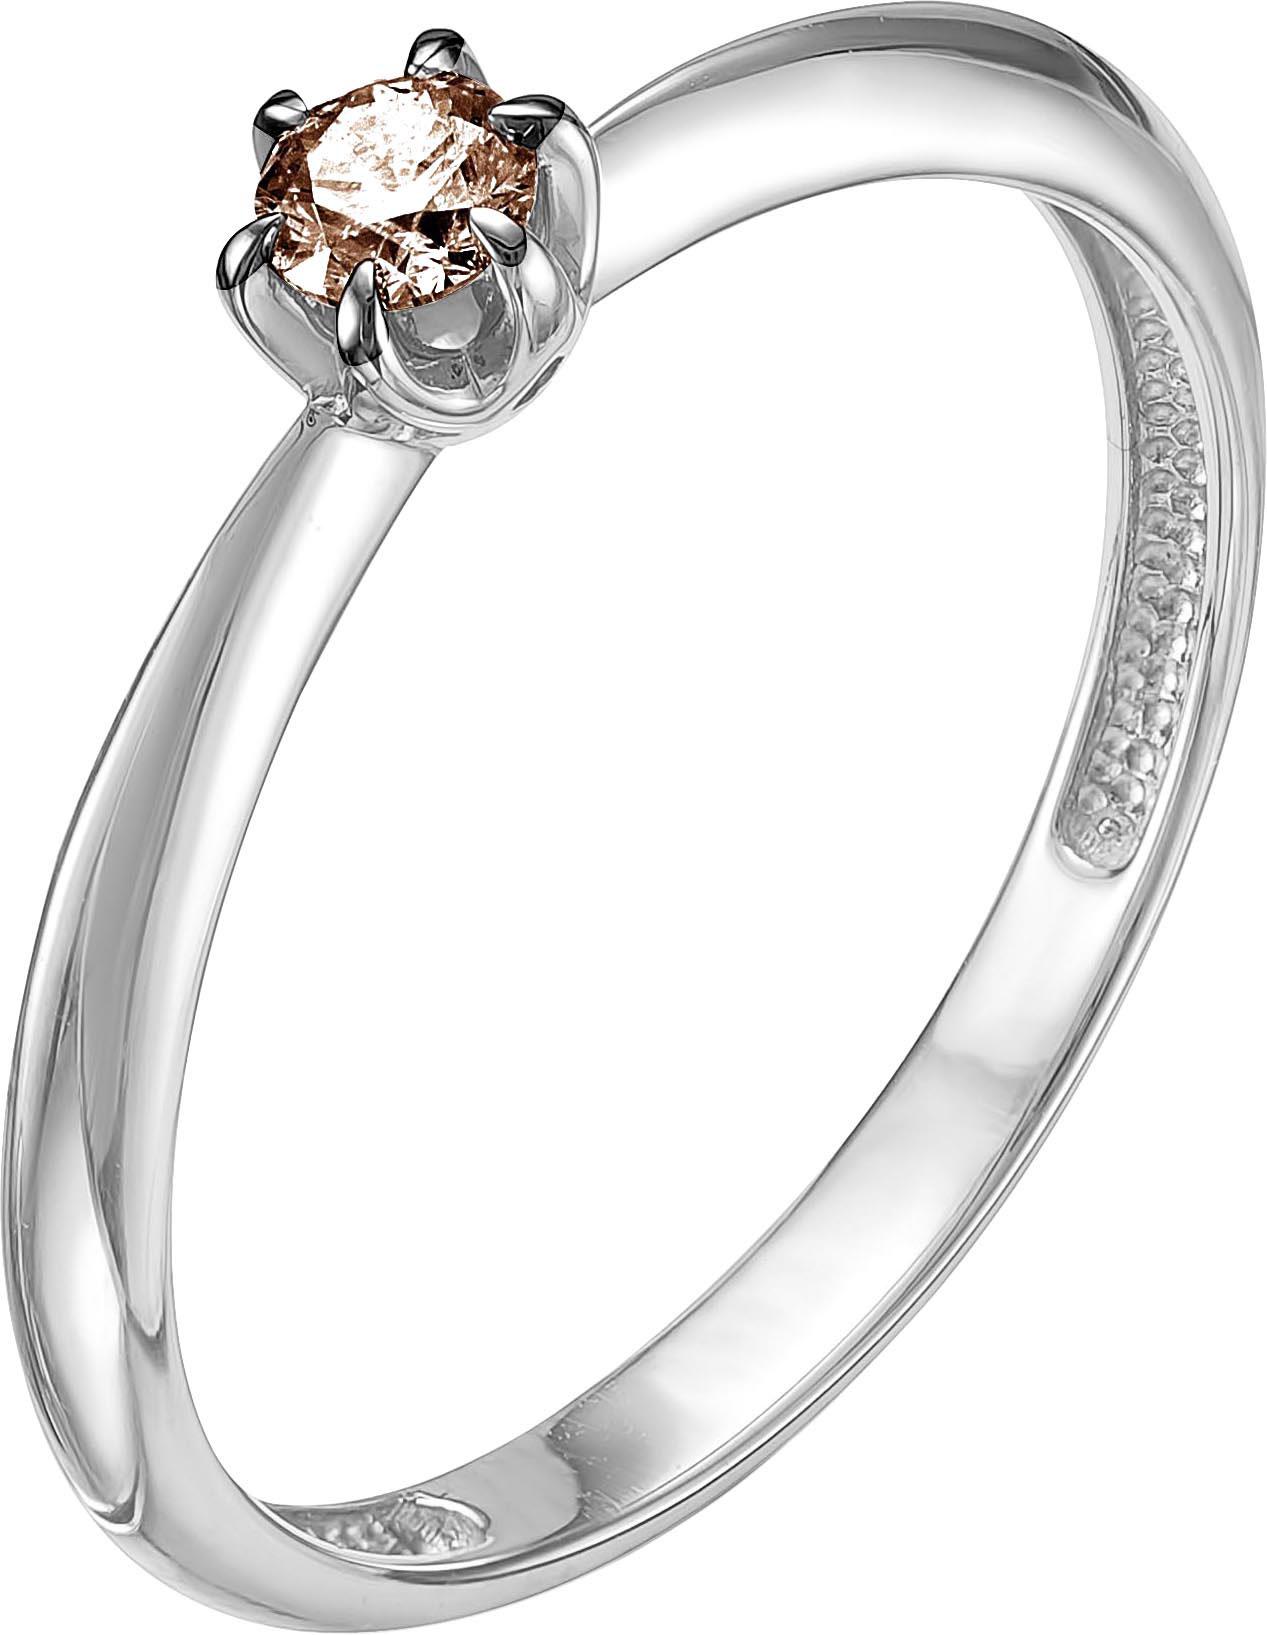 Кольца Vesna jewelry 1041-256-09-00 ювелирные изделия завода красная пресня в интернет магазине